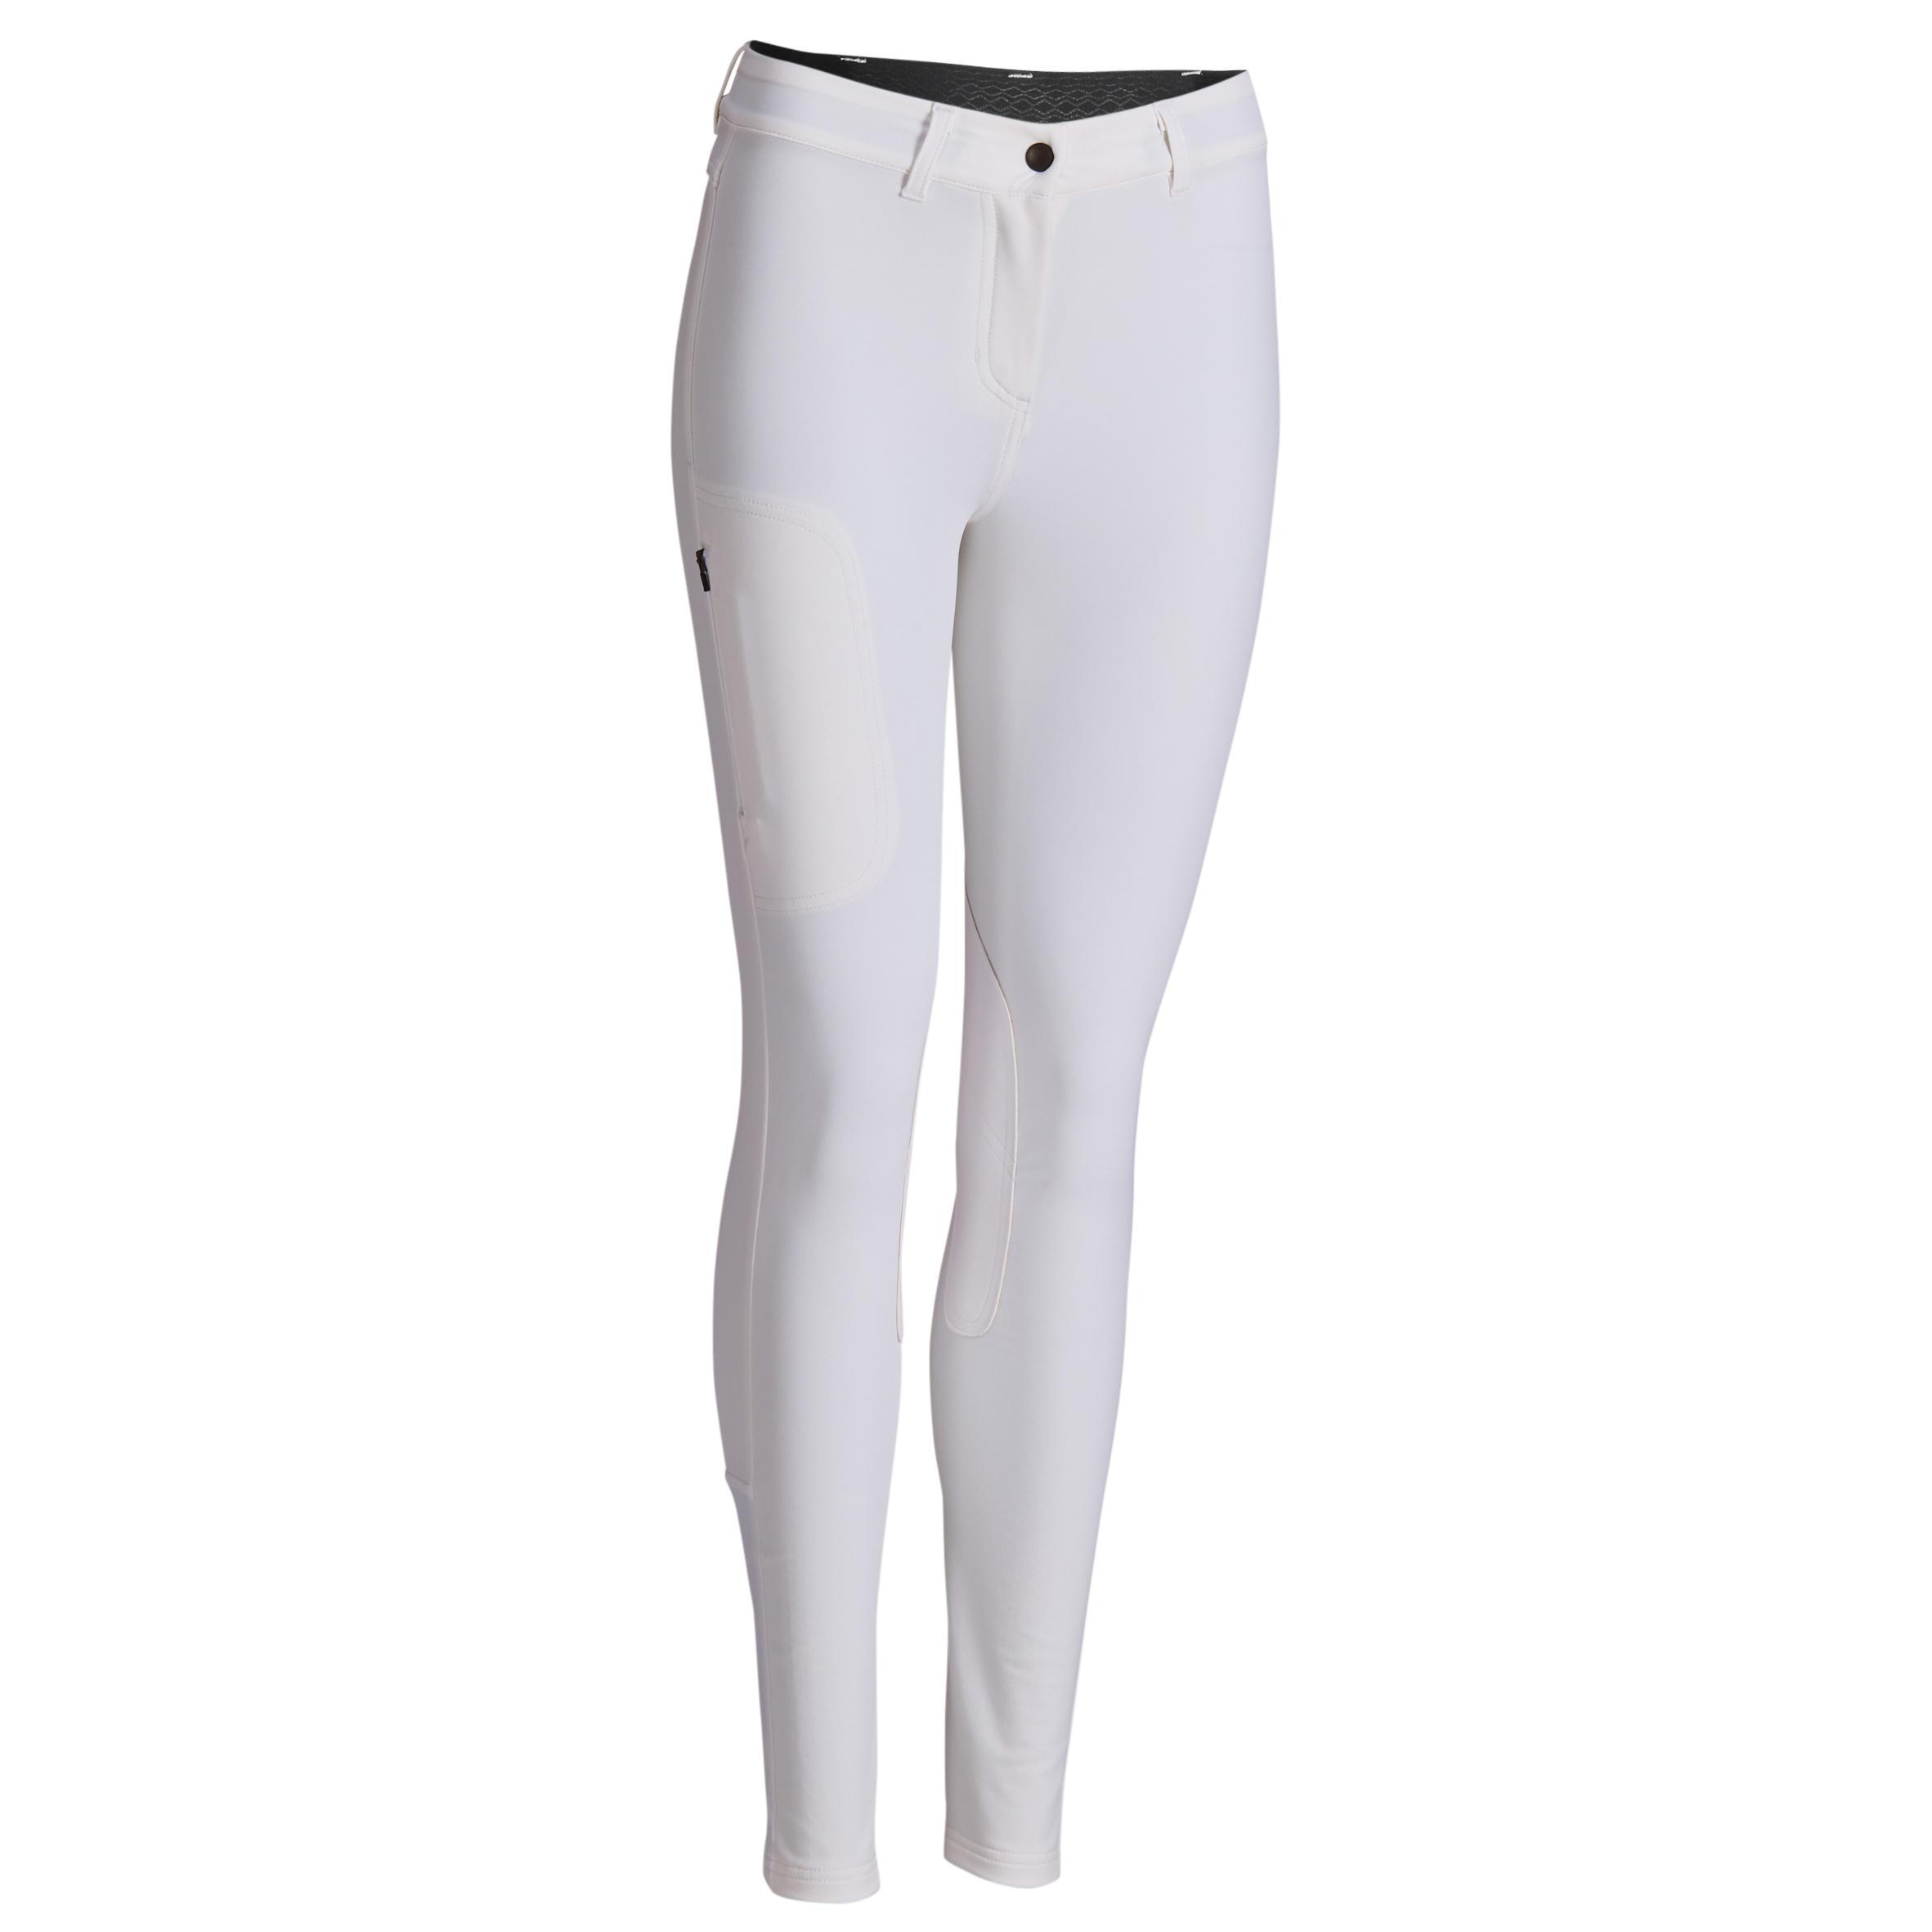 Pantalon 500 Alb